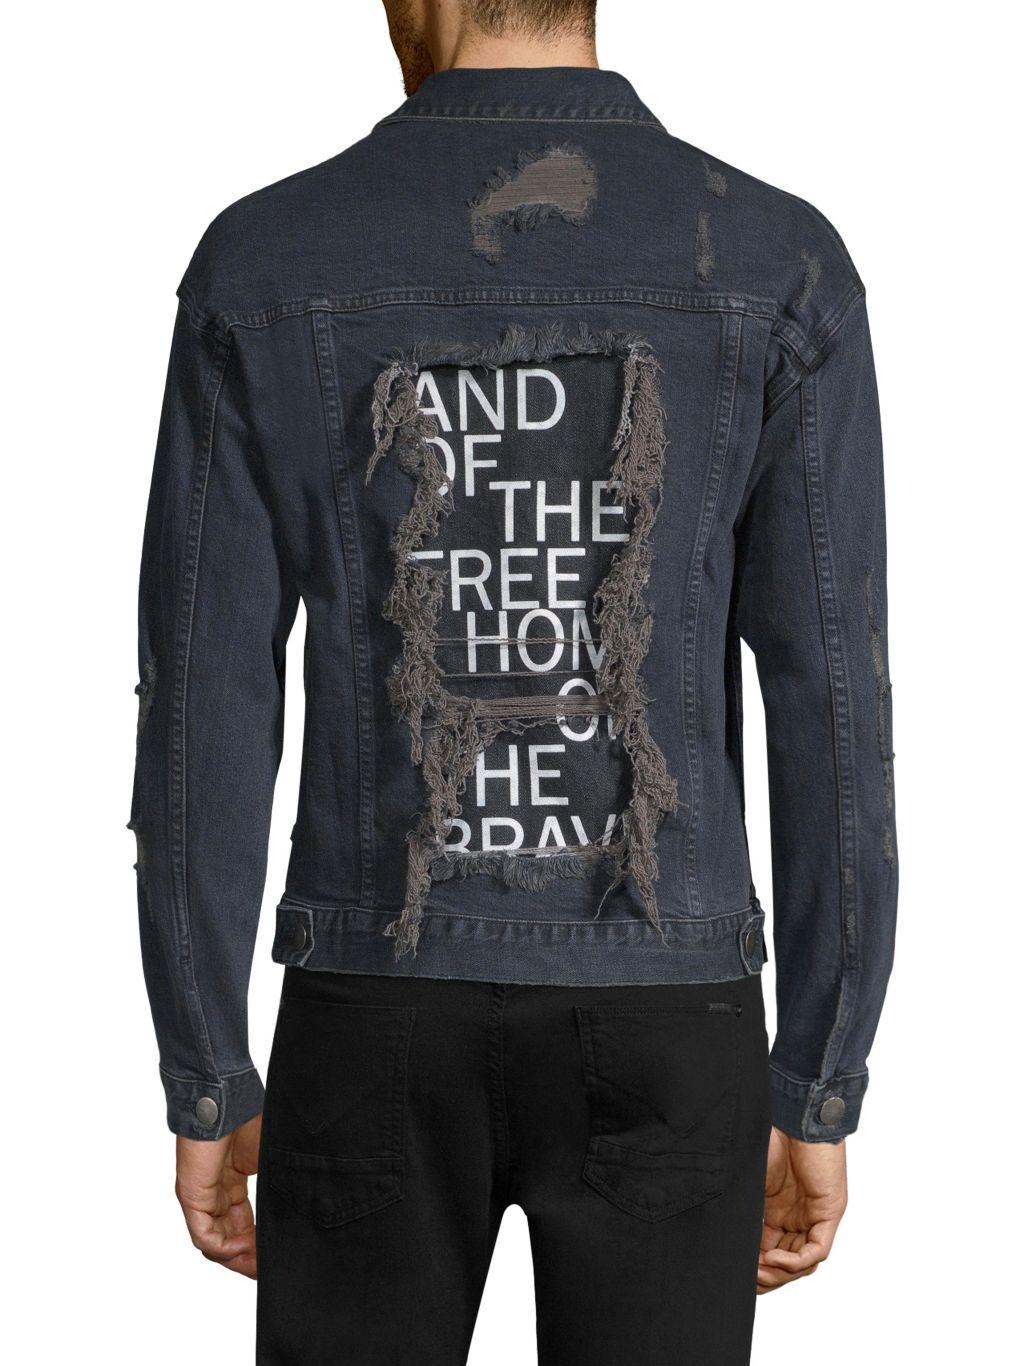 Dim Mak Obex Distressed Denim Jacket